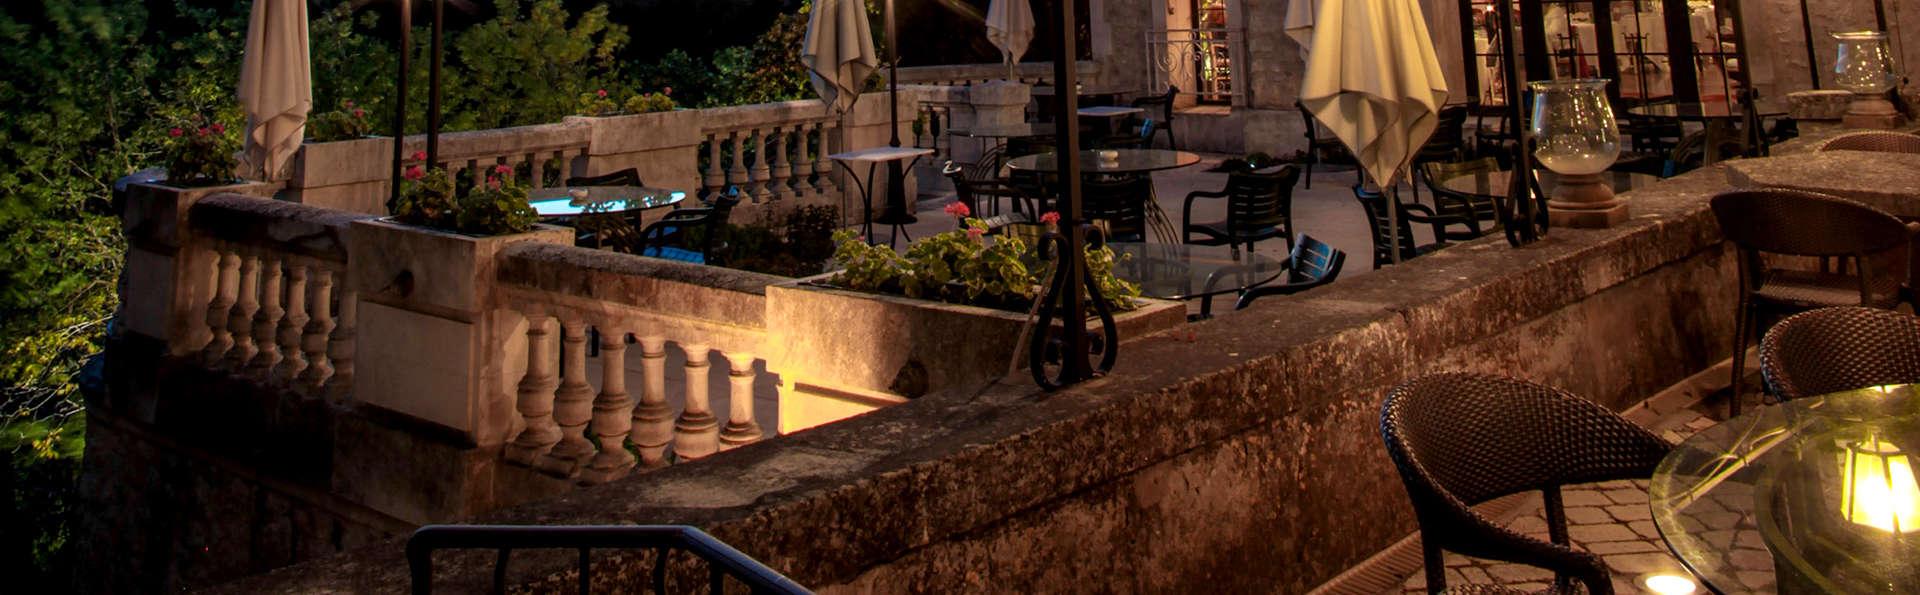 Séjour reposant dans un élégant manoir du XVIIème siècle à deux pas d'Avignon !